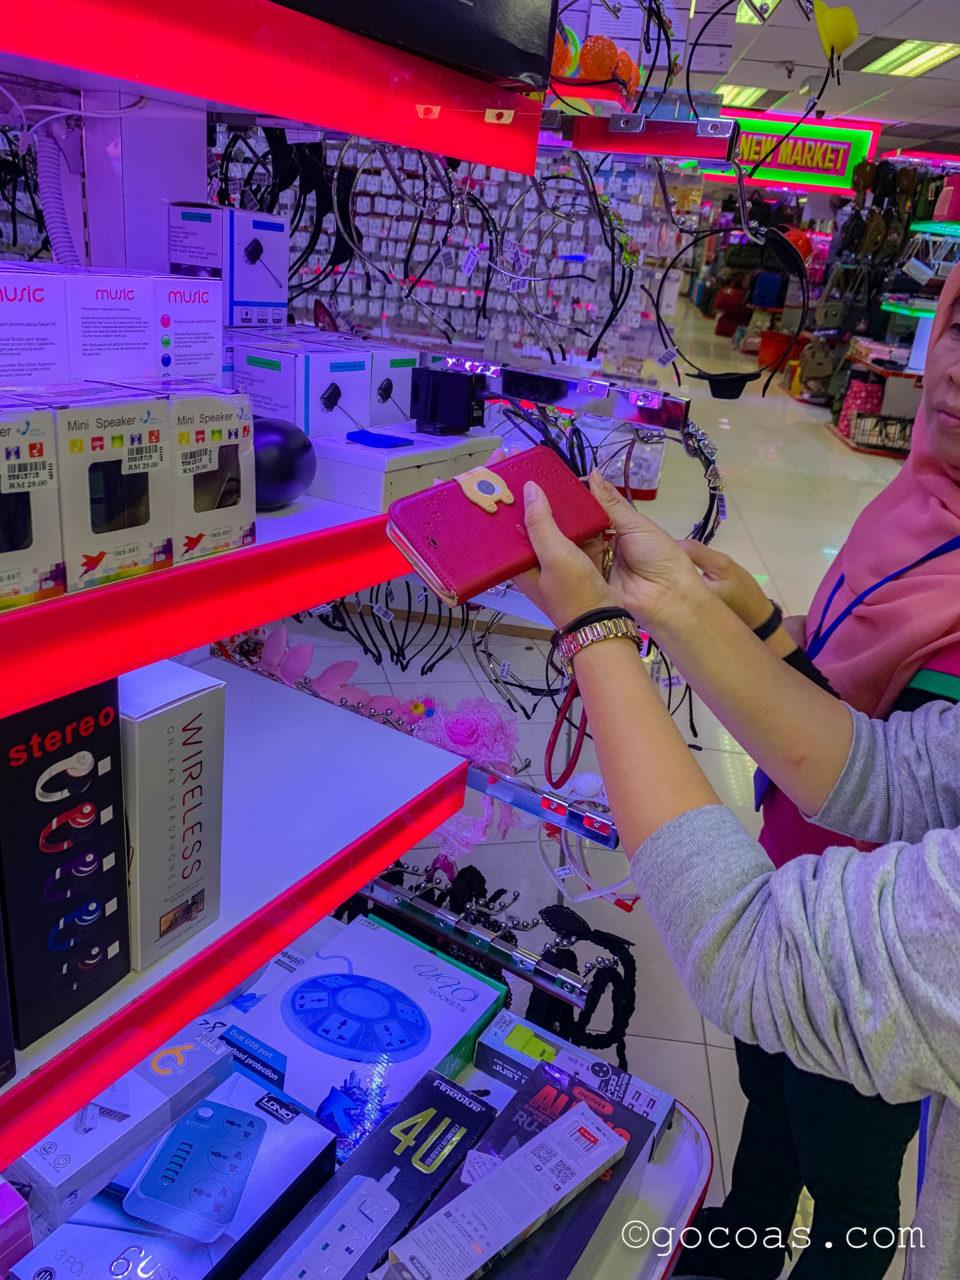 ショッピングモールKomtarの中に並ぶ商業施設で売られている充電ケーブルをお試しするところ